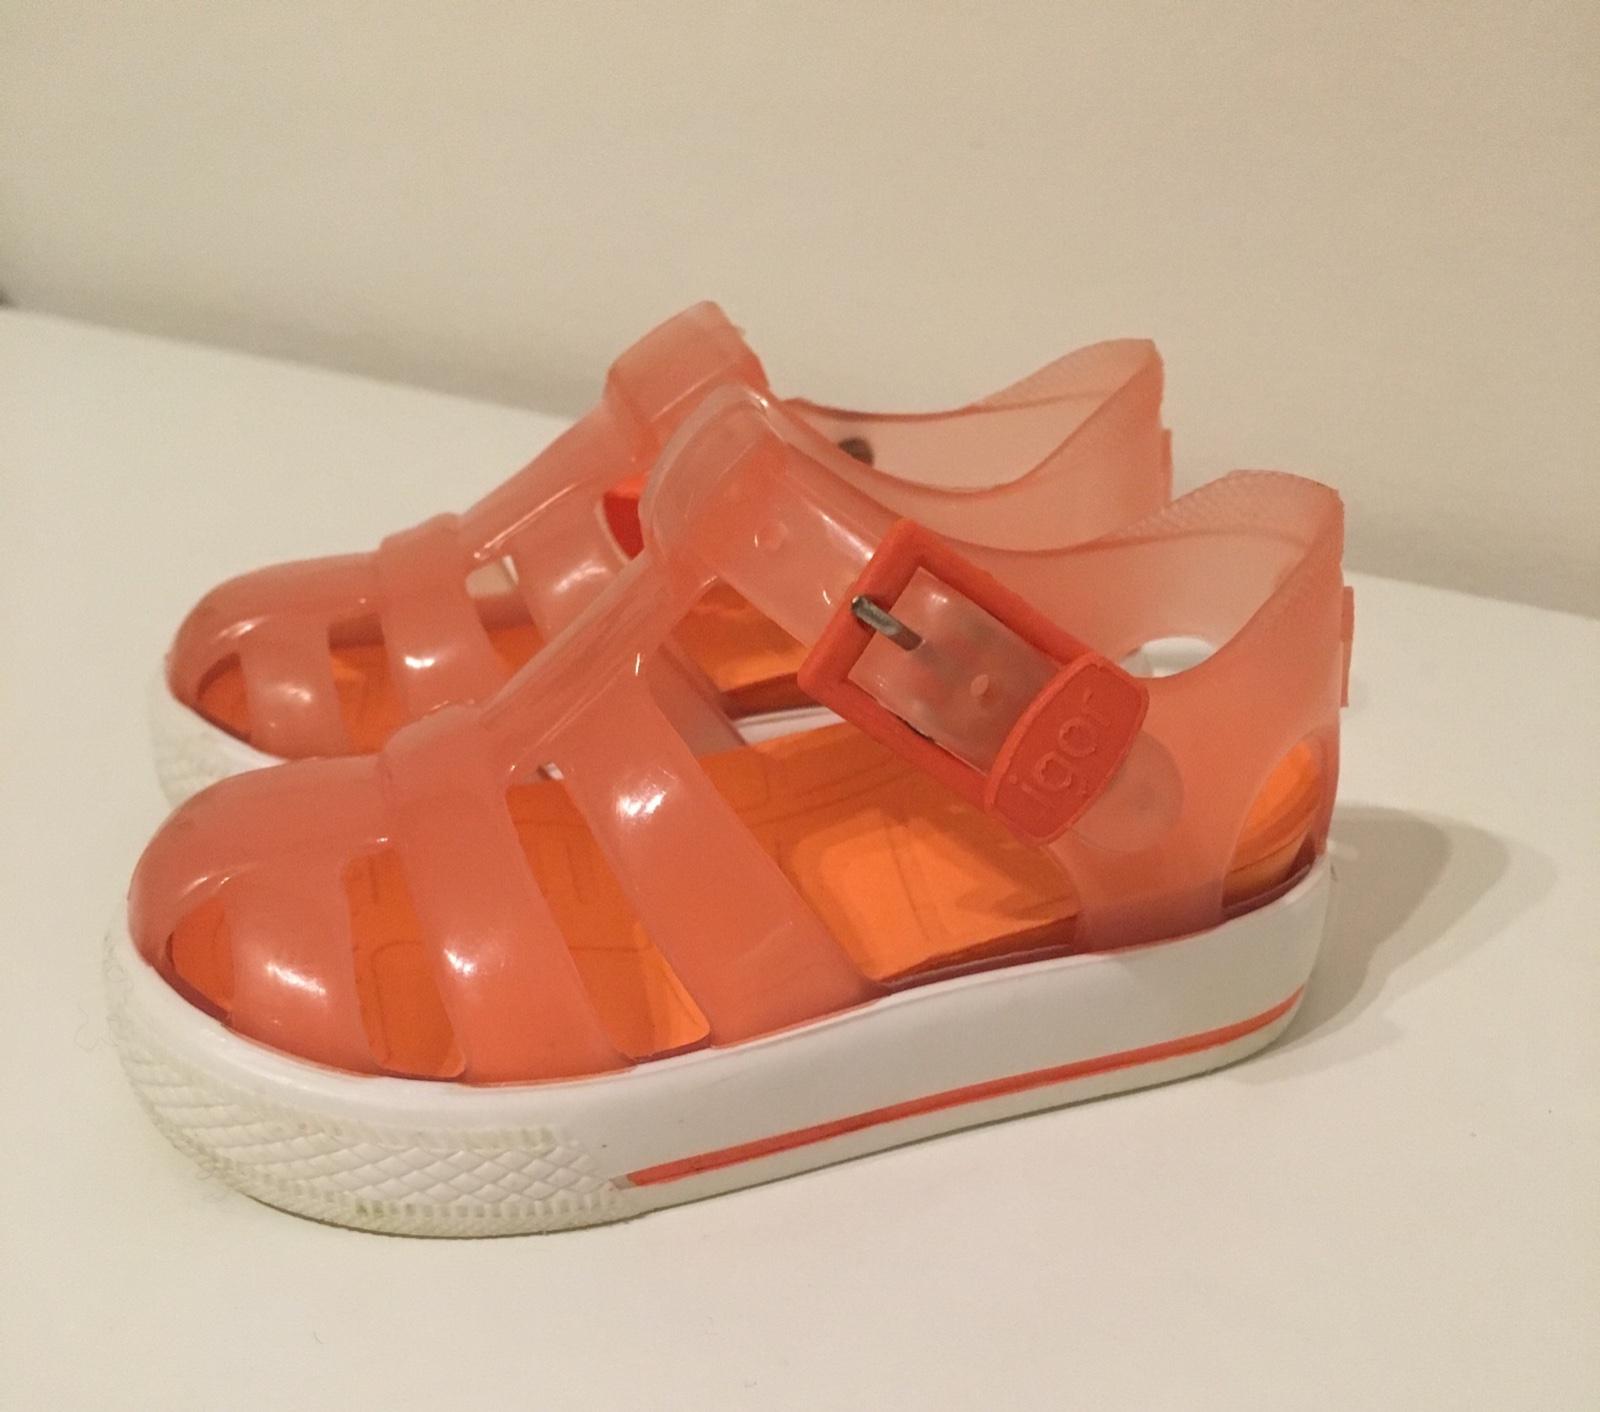 1e76c544b959 Gumové sandále igor veľkosť 19